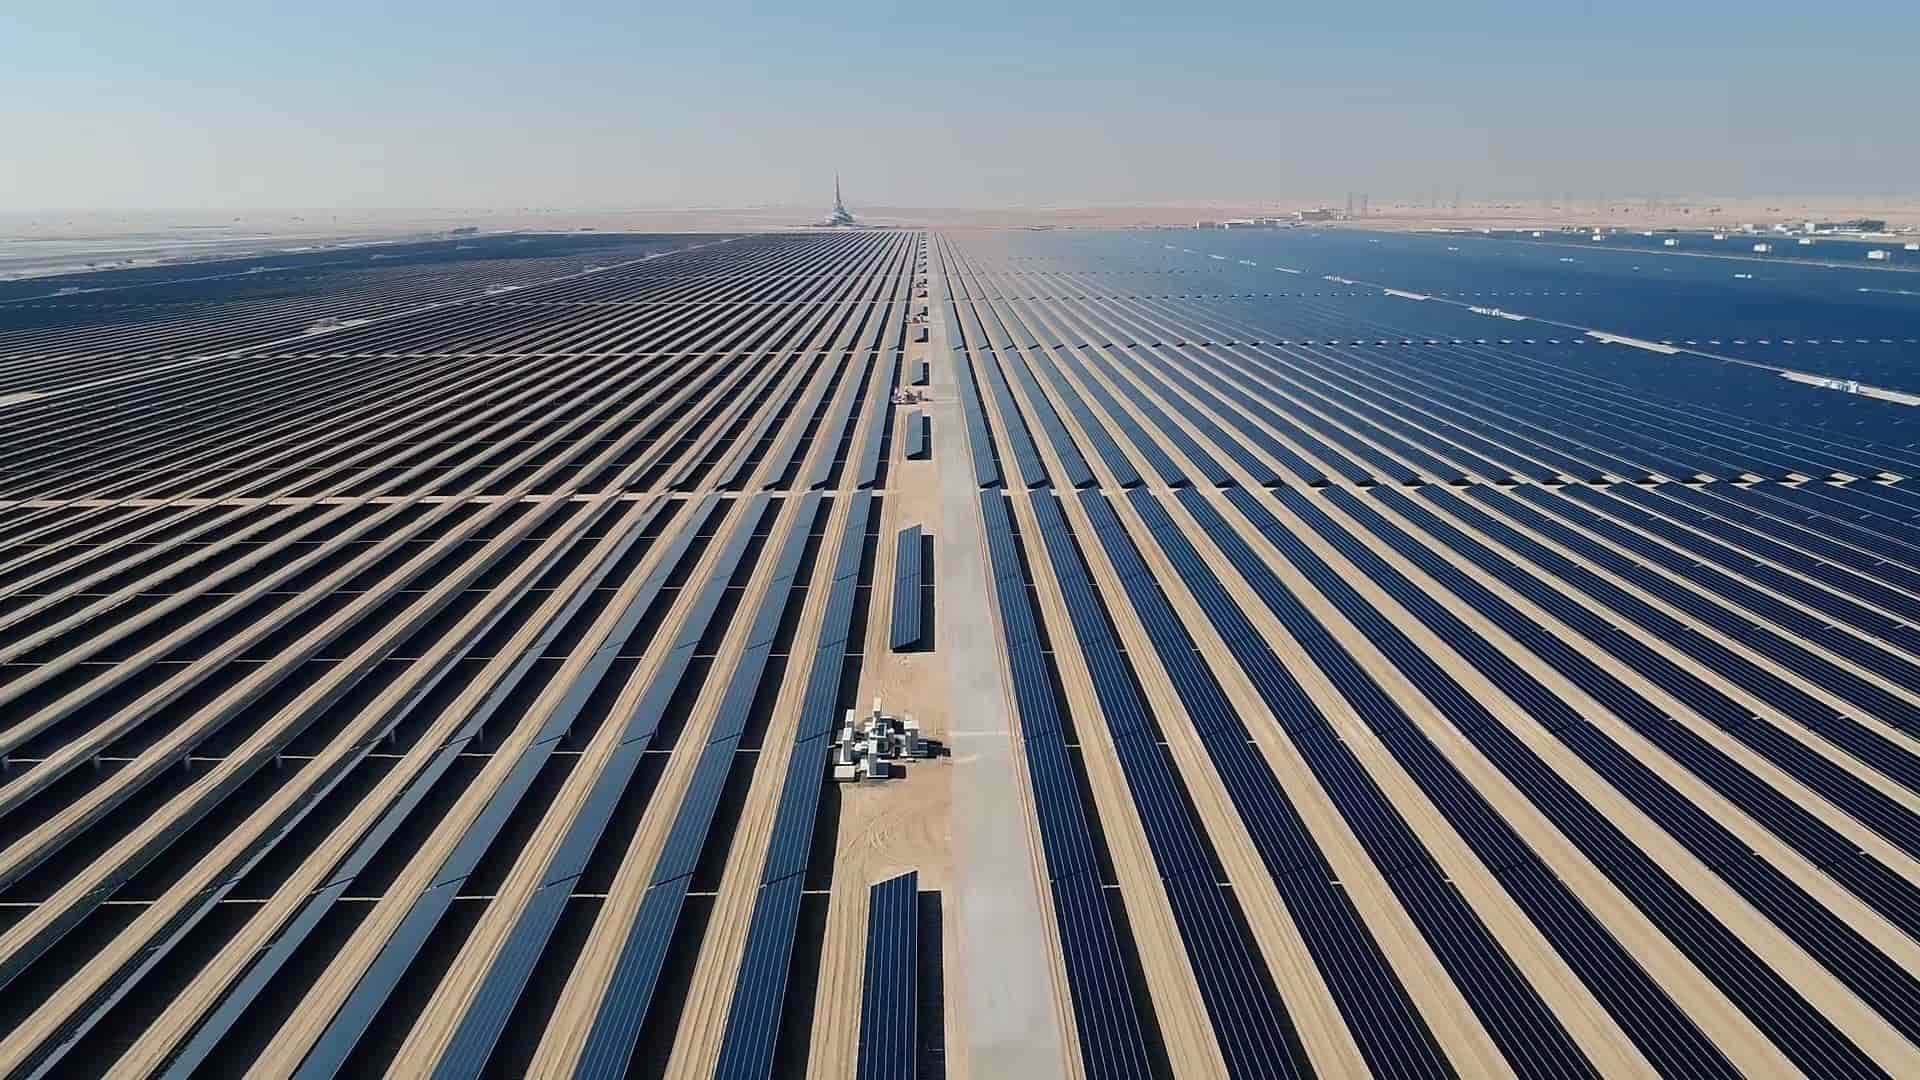 Parque solar Mohammed Bin Rashid Al Maktoum. Foto: Autoridad de Agua y Electricidad de Dubai